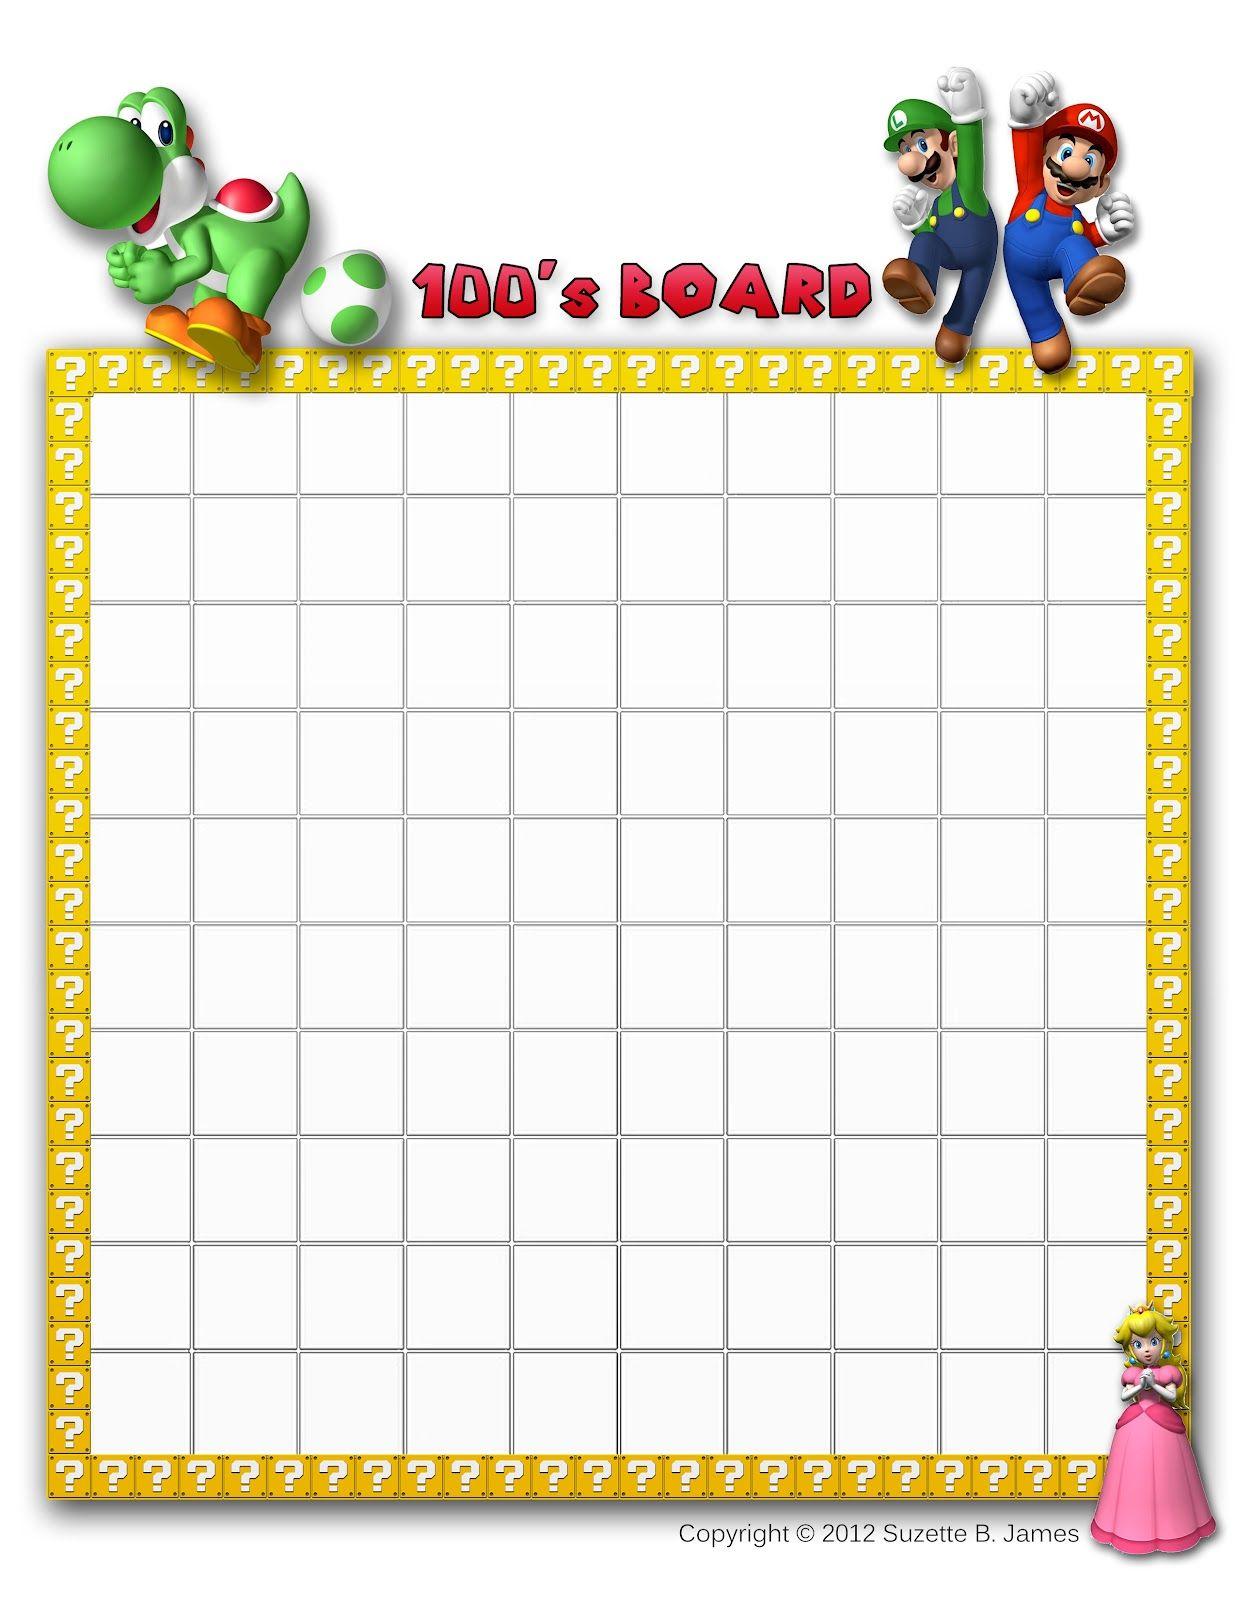 In Him Mario Bros Friends Hundreds Board Printabes Super Mario Bros Birthday Party Super Mario Bros Games Mario [ 1600 x 1236 Pixel ]